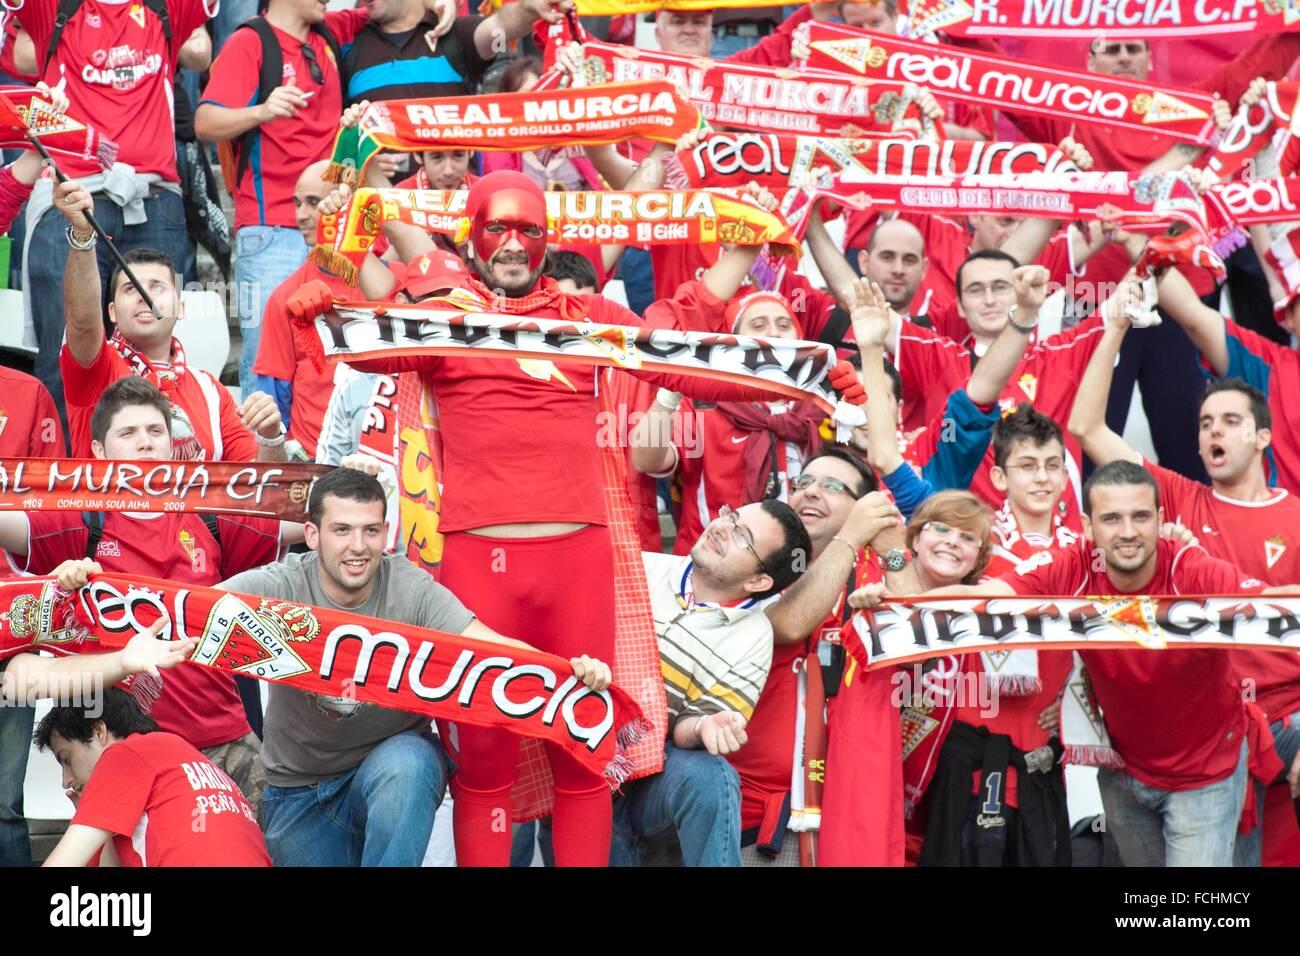 Real Murcia supporters, CD Lugo vs. Real Murcia, Segunda División B, 29/05/2011 - Stock Image